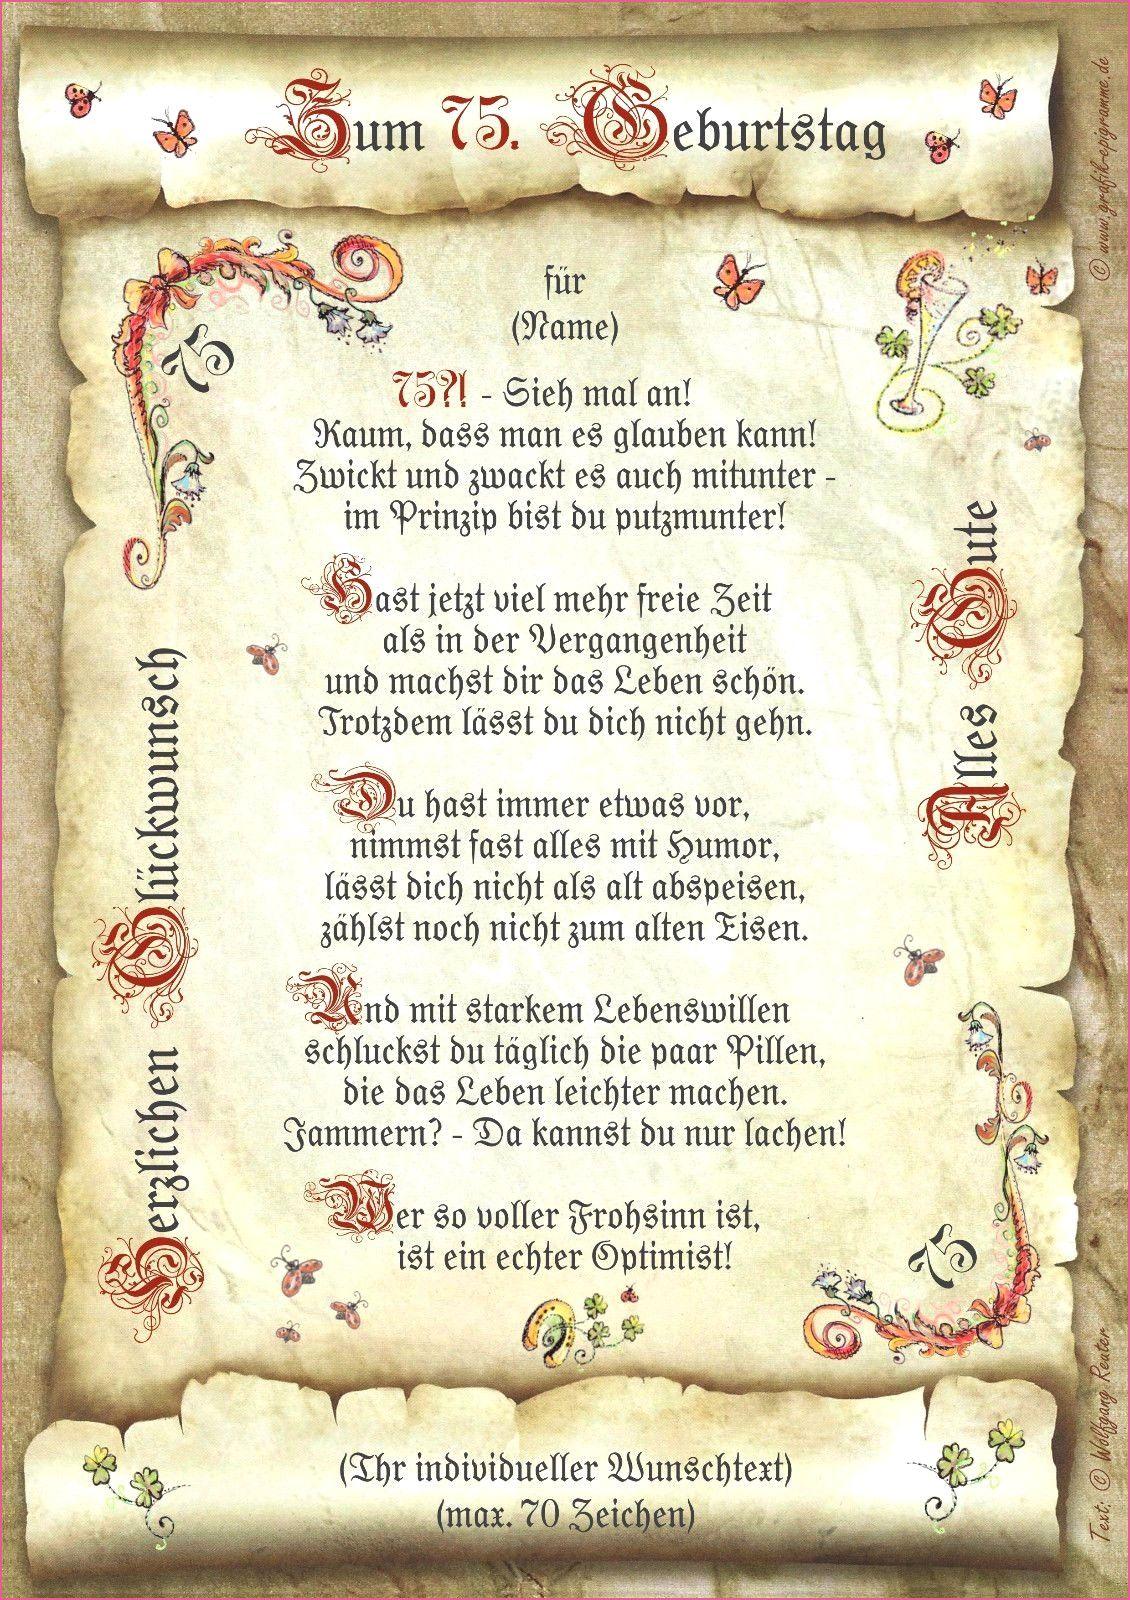 Gedicht Geburtstag Oma Lustig In 2020 Geburtstag Gedicht